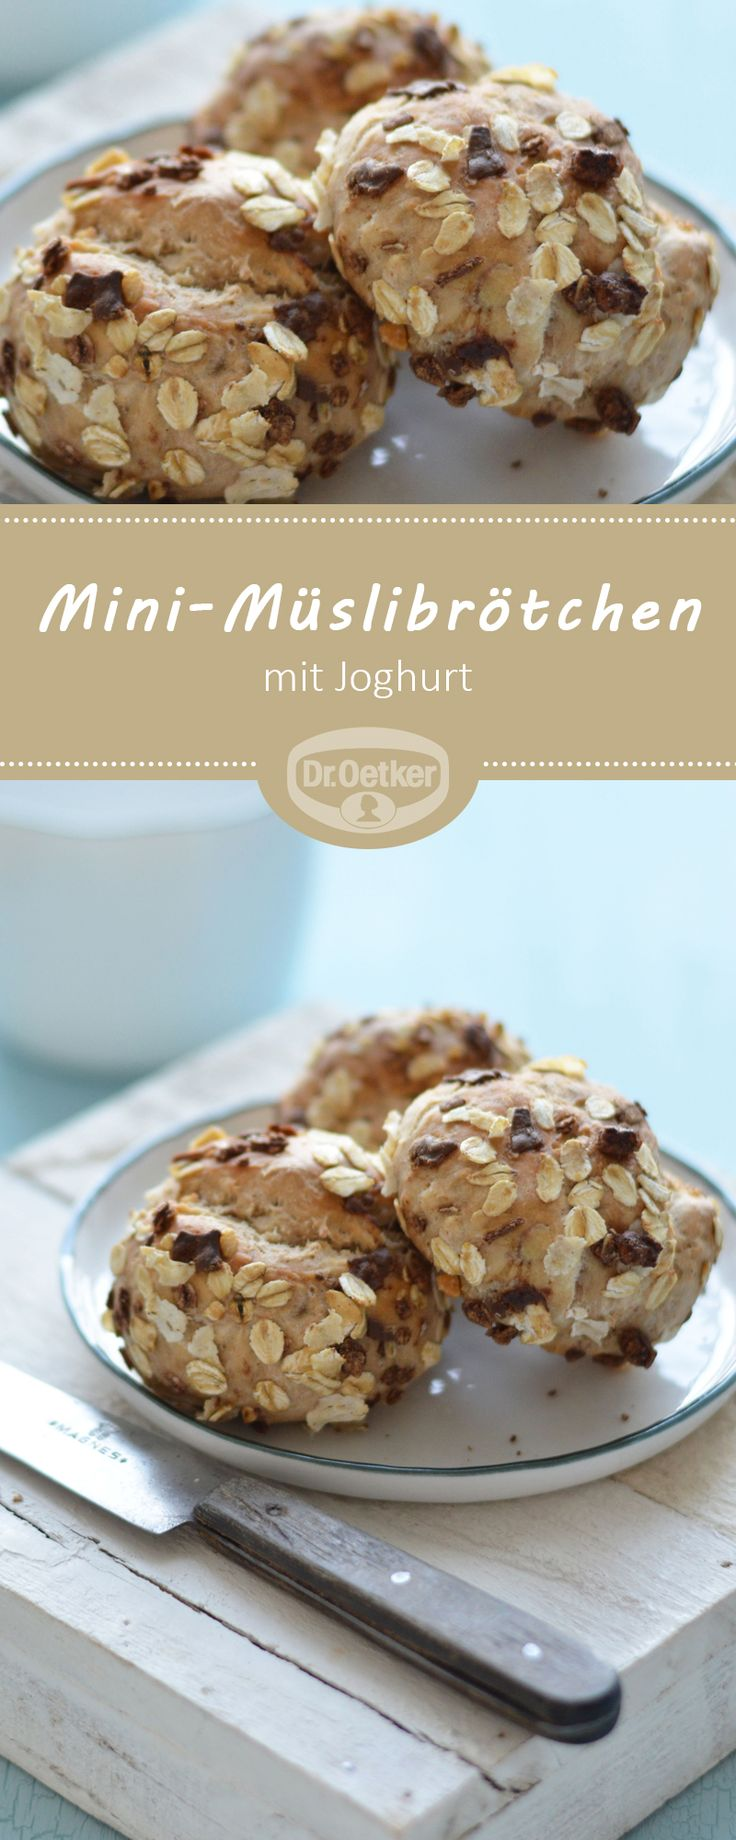 Mini-Müslibrötchen: Leckere Müslibrötchen mit Joghurt zum Frühstück